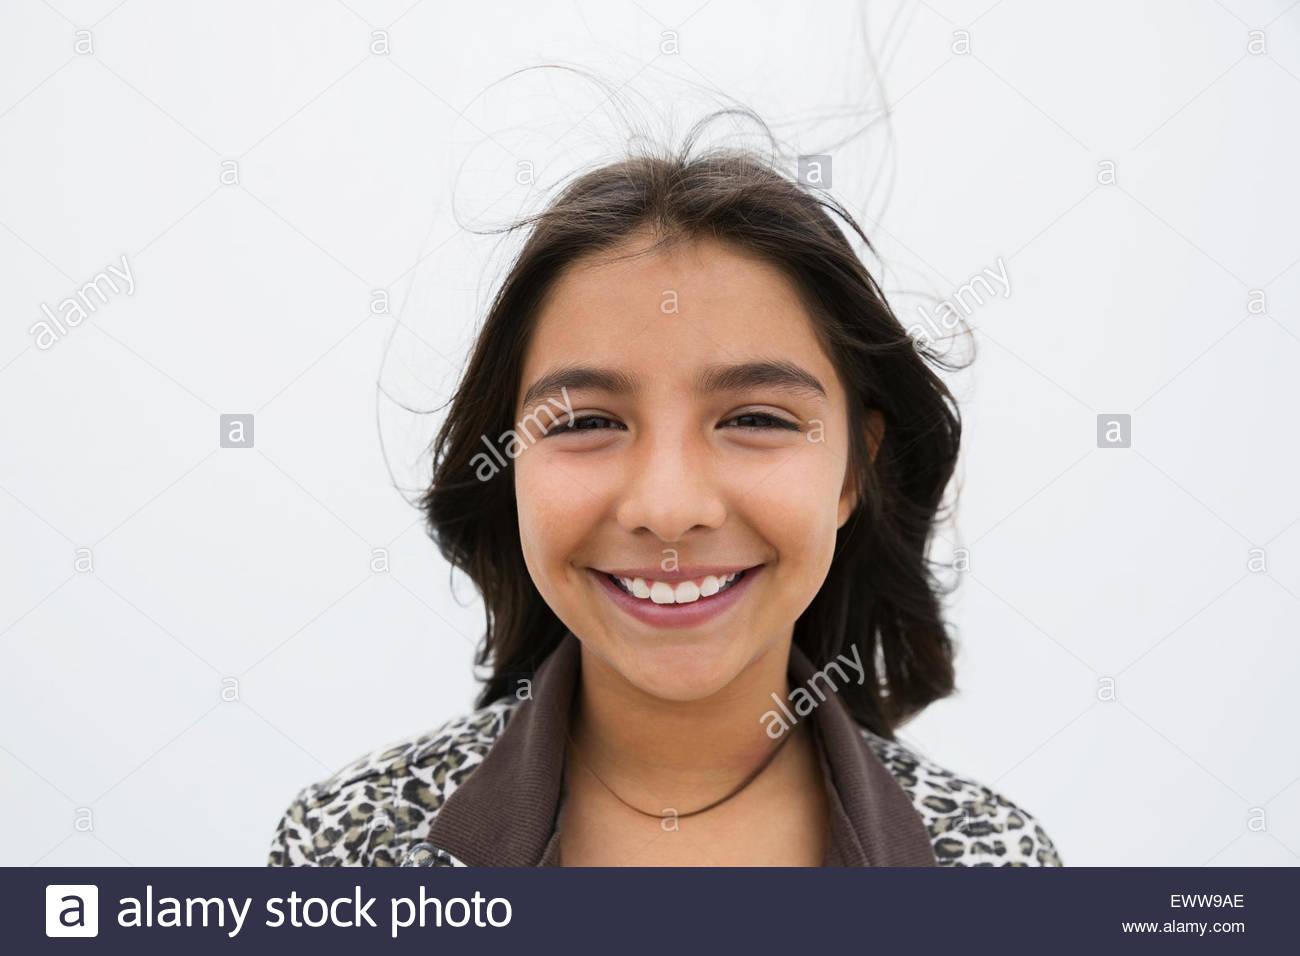 Portrait smiling brunette girl - Stock Image